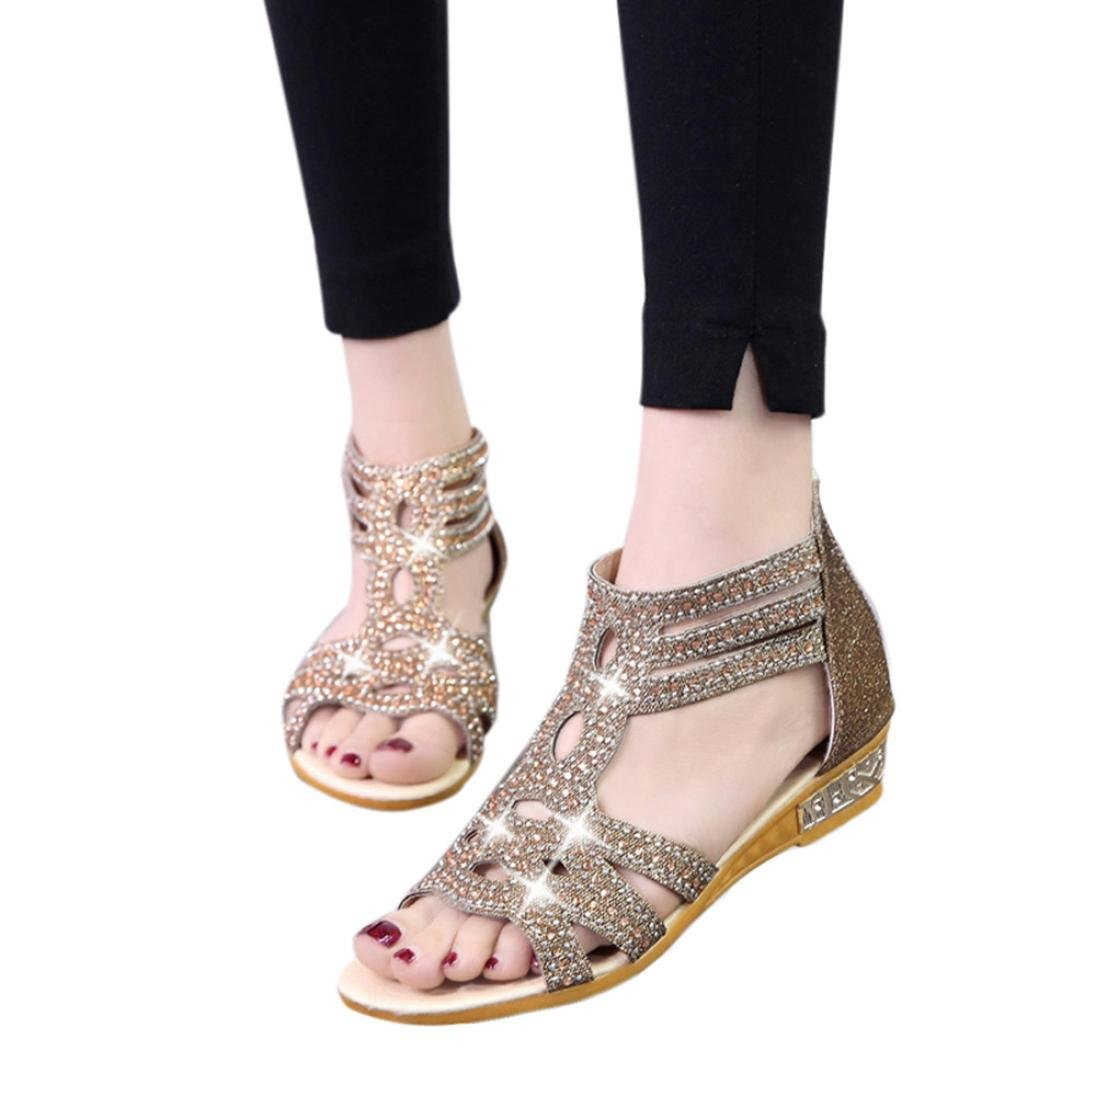 Sommer Sandalen,Resplend Frauen Sandalen mit Keilabsatz Mode Hollow Fisch Mund Hohl Roma Schuhe Gladiator Casual Sandalen Flip-Flop Schuhe39(Asian39=EU38)|Golden